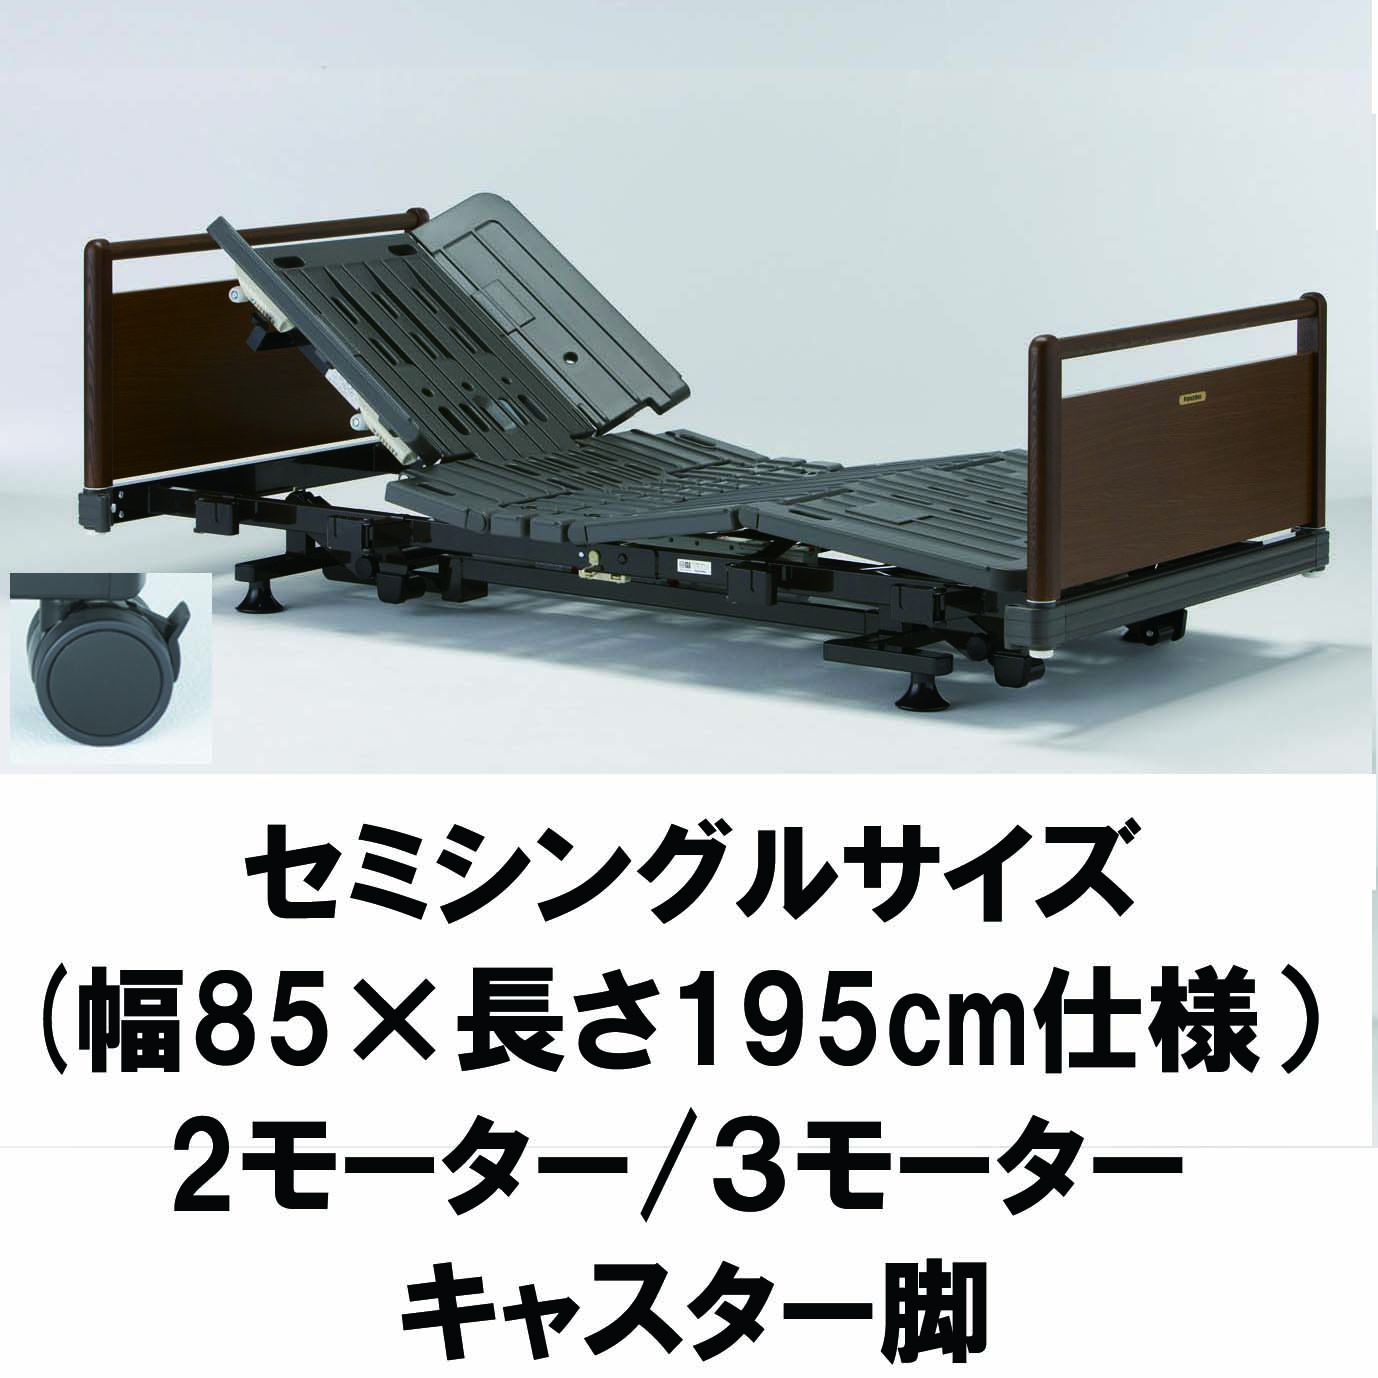 ヒューマンケアベッド・低床型 85幅標準サイズ FBN-PJJ SU キャスター脚